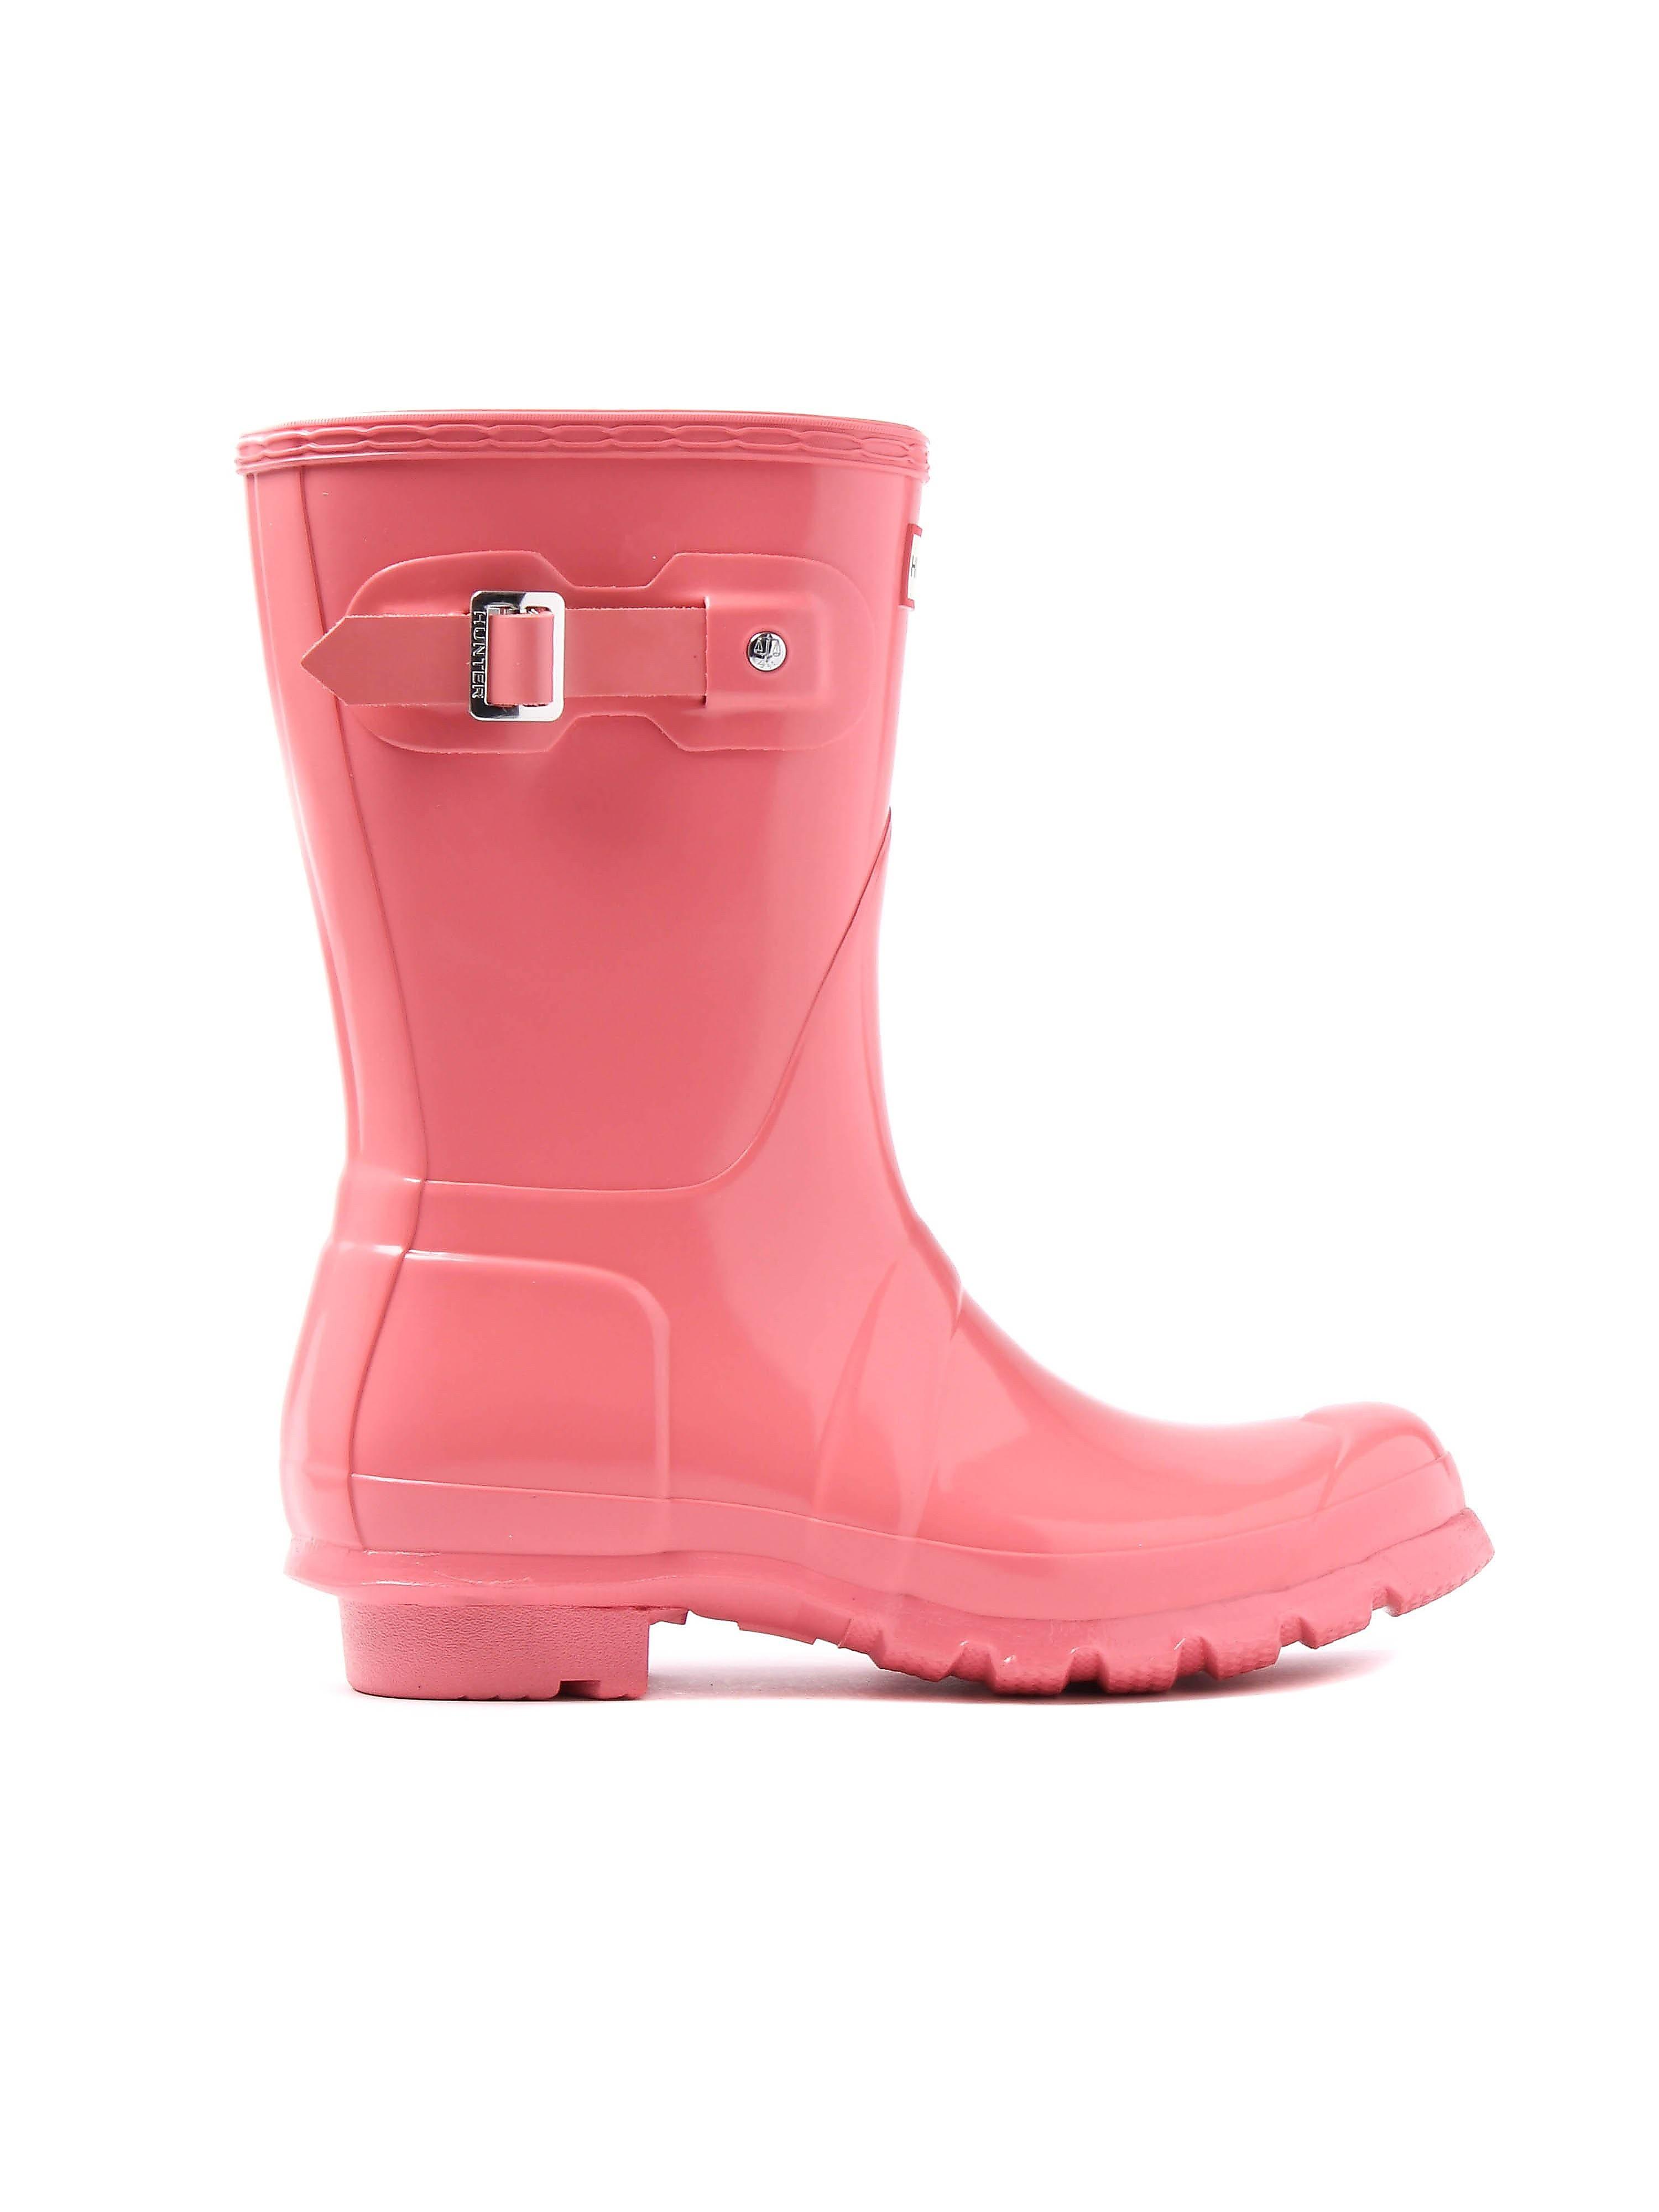 Hunter Wellies Women's Original Short Wellington Boots - Pink Gloss